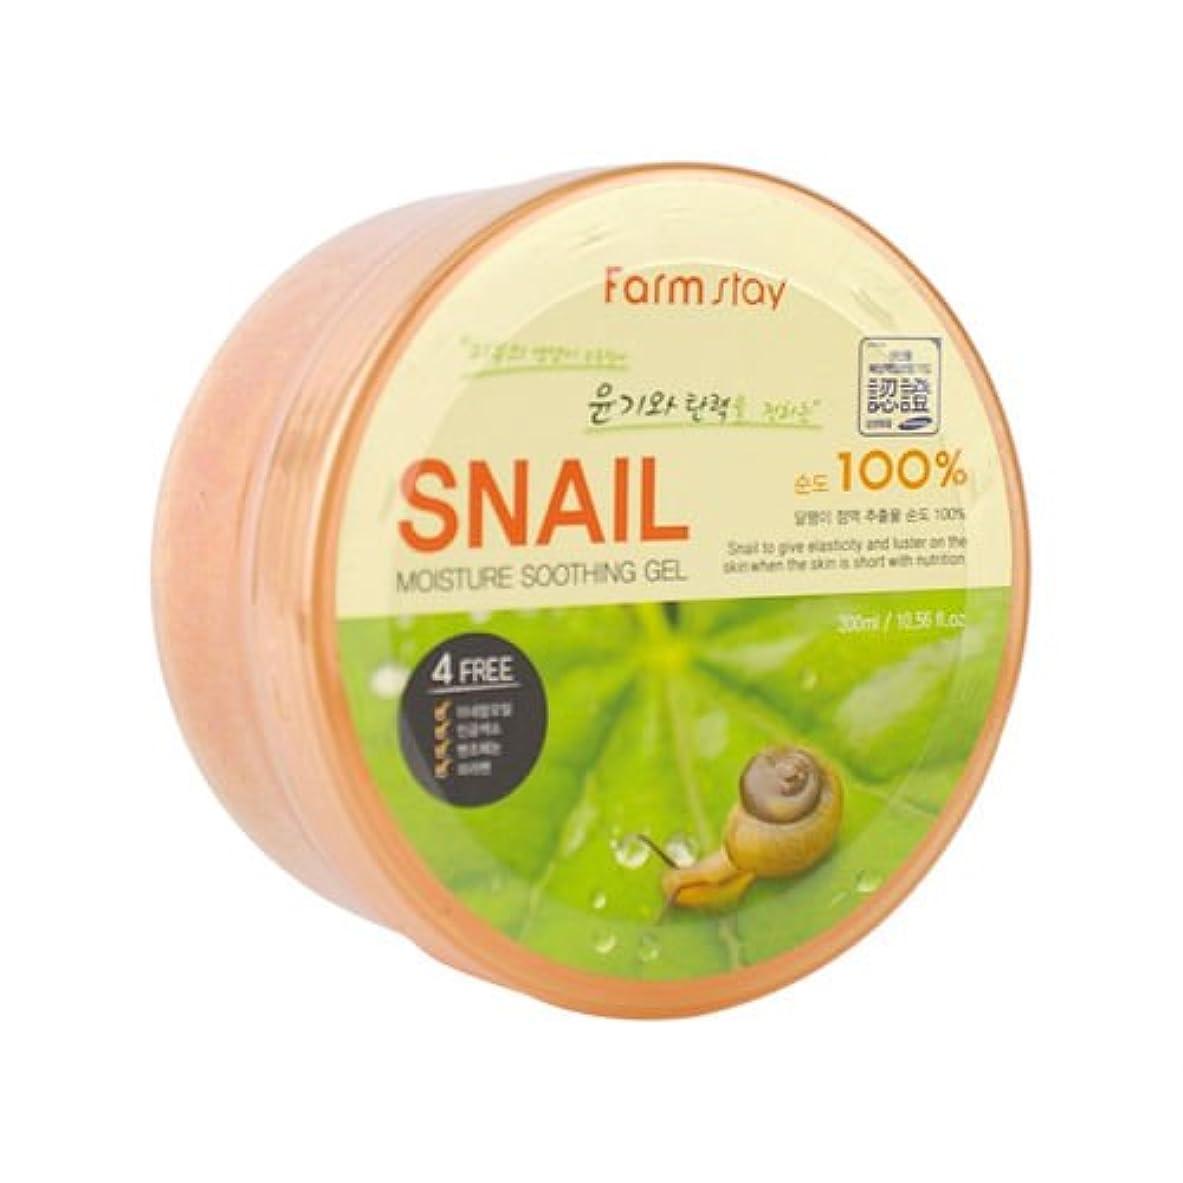 人形注釈を付ける数学Farm Stay Snail Moisture Soothing Gel 300ml /Snail extract 100%/Skin Glowing & Elasticity Up [並行輸入品]